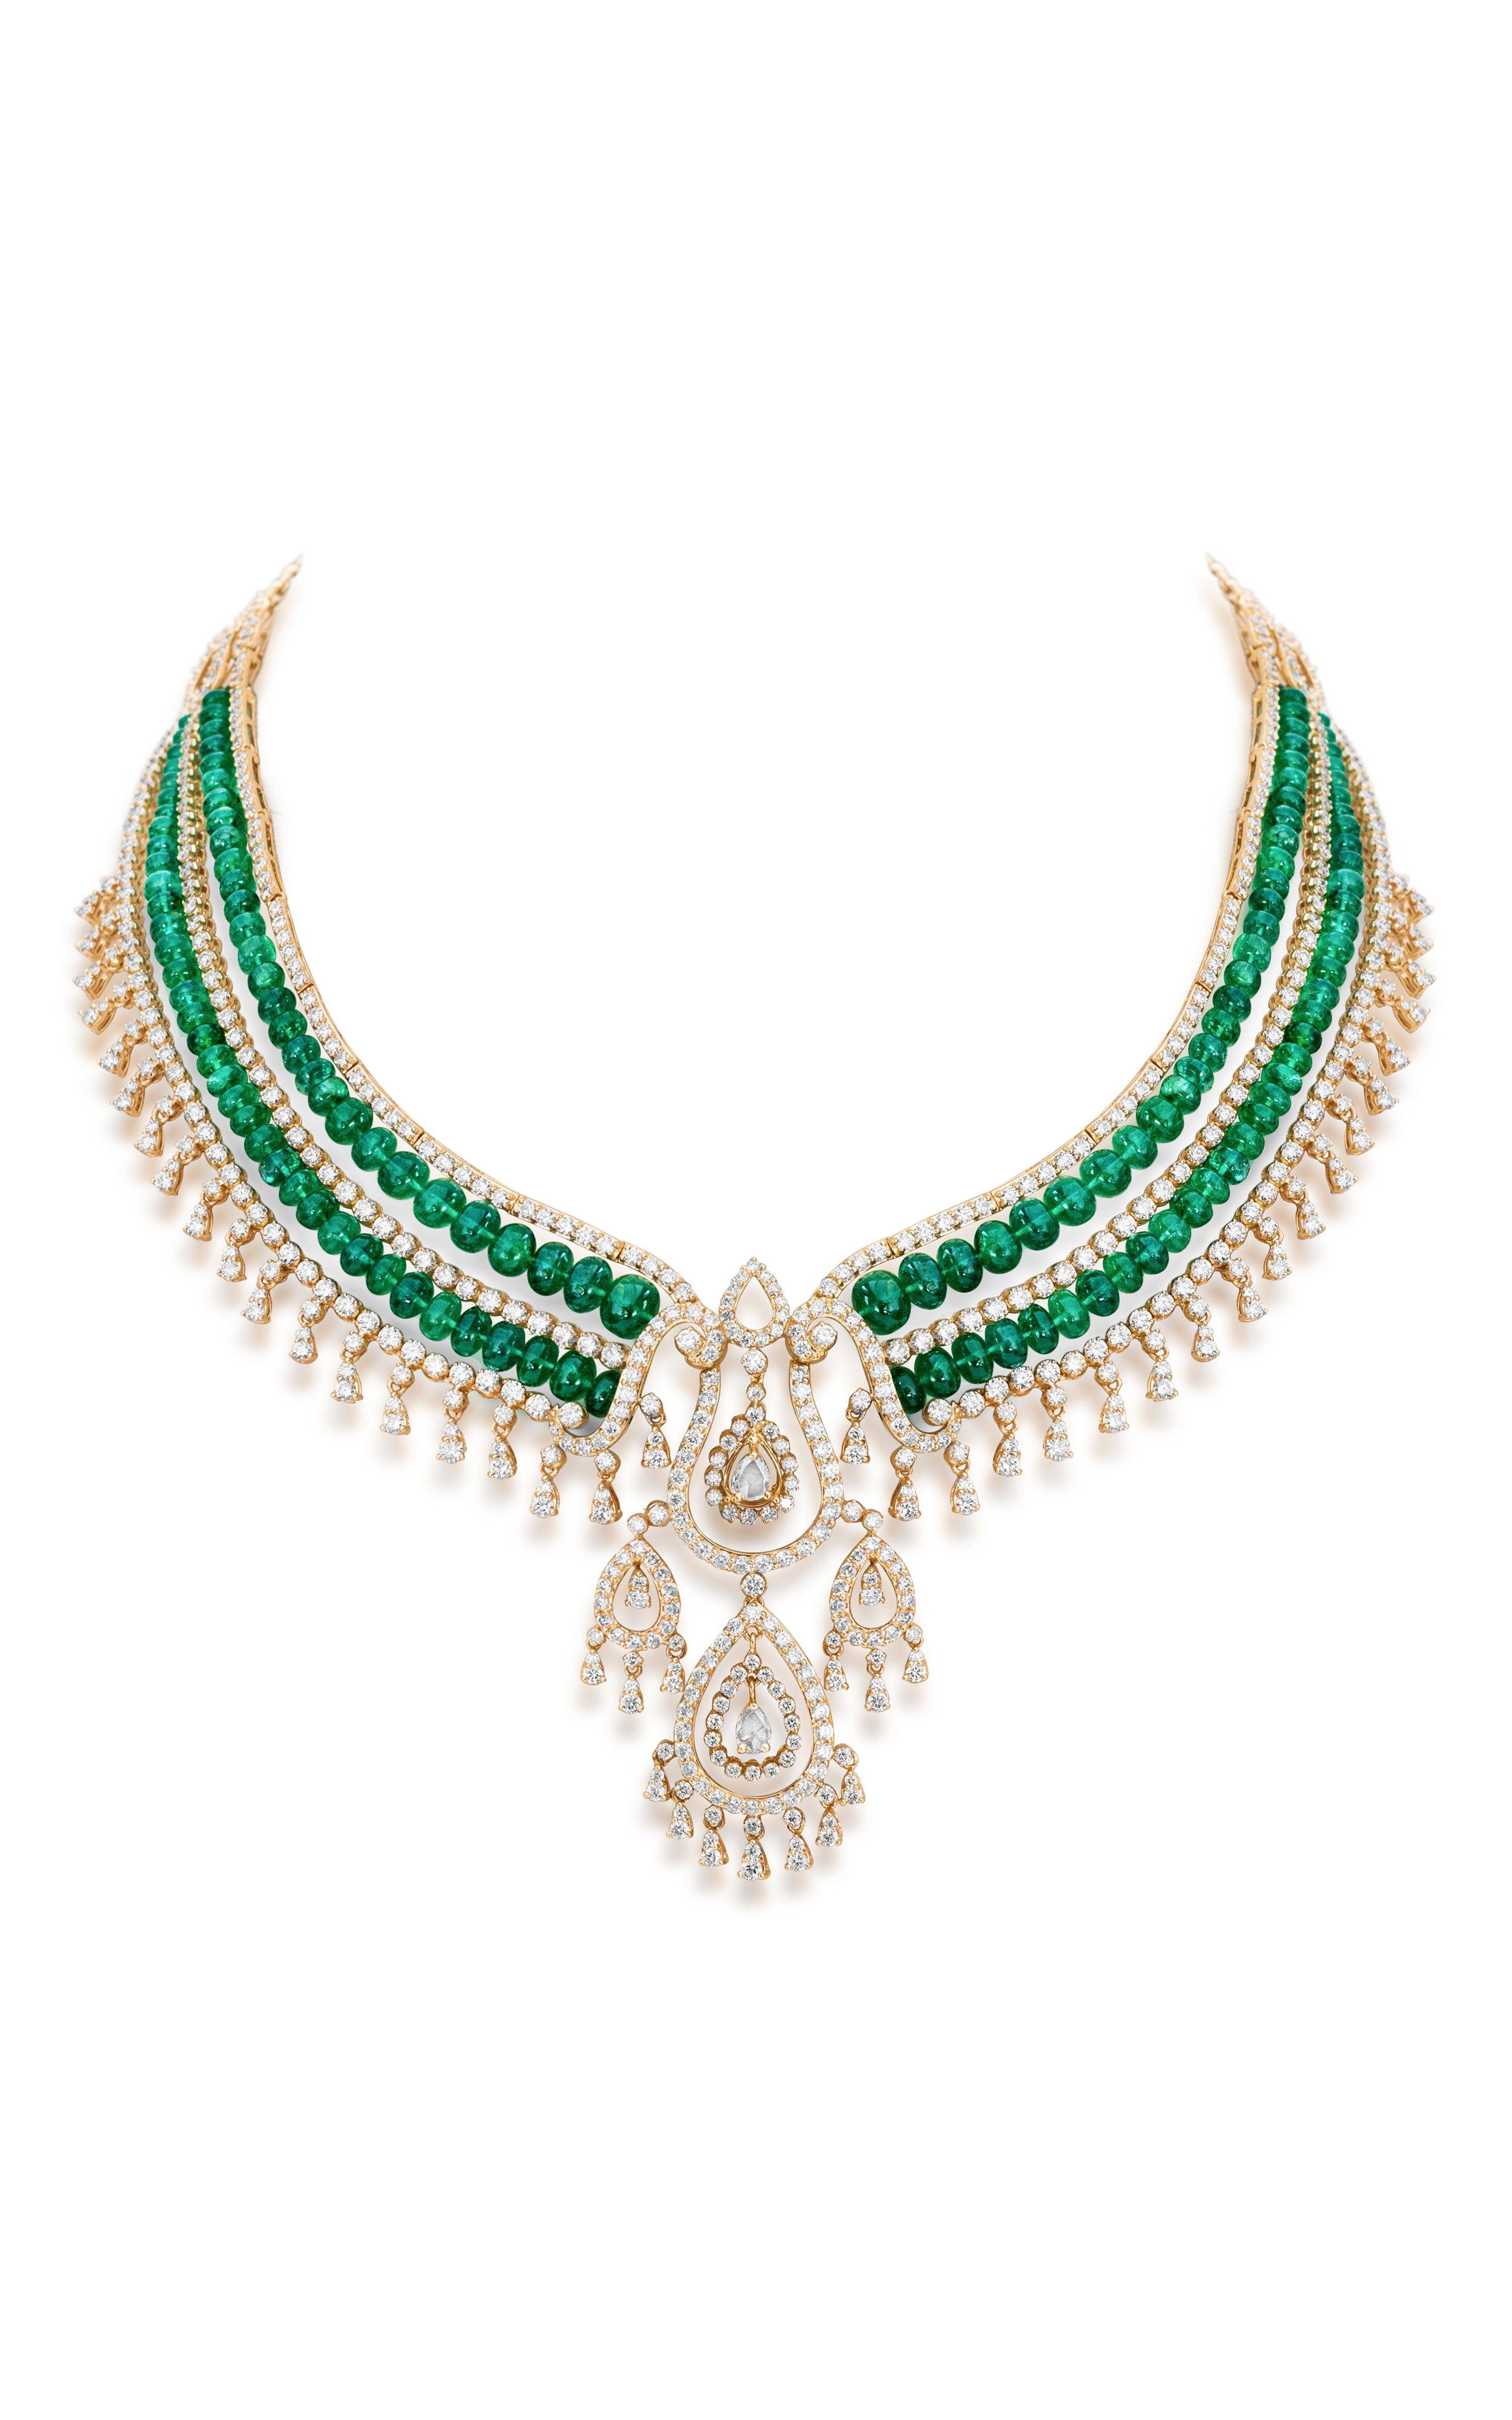 Zambian Emerald Jewelry